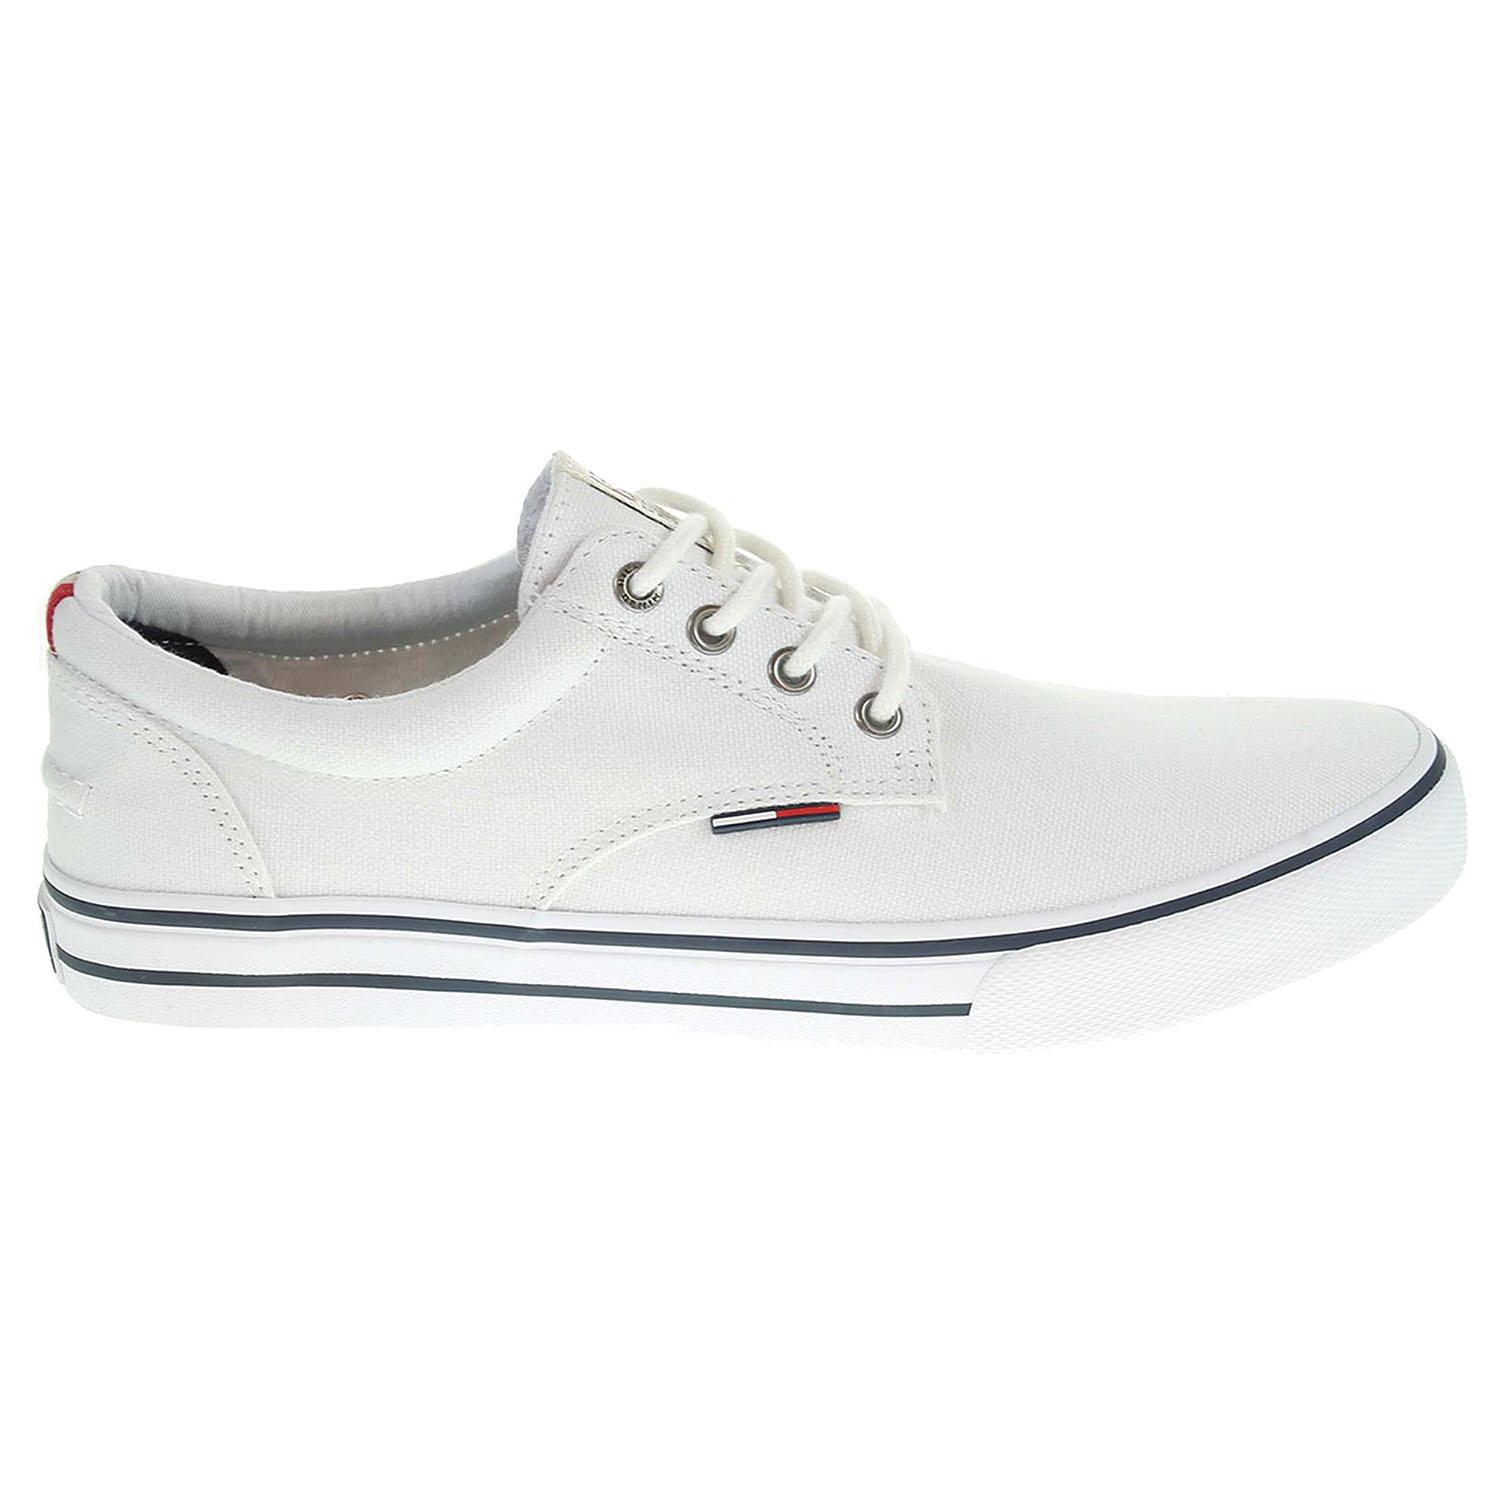 Tommy Hilfiger pánská obuv EM56820815 V2385IC 1D 1 bílá 44